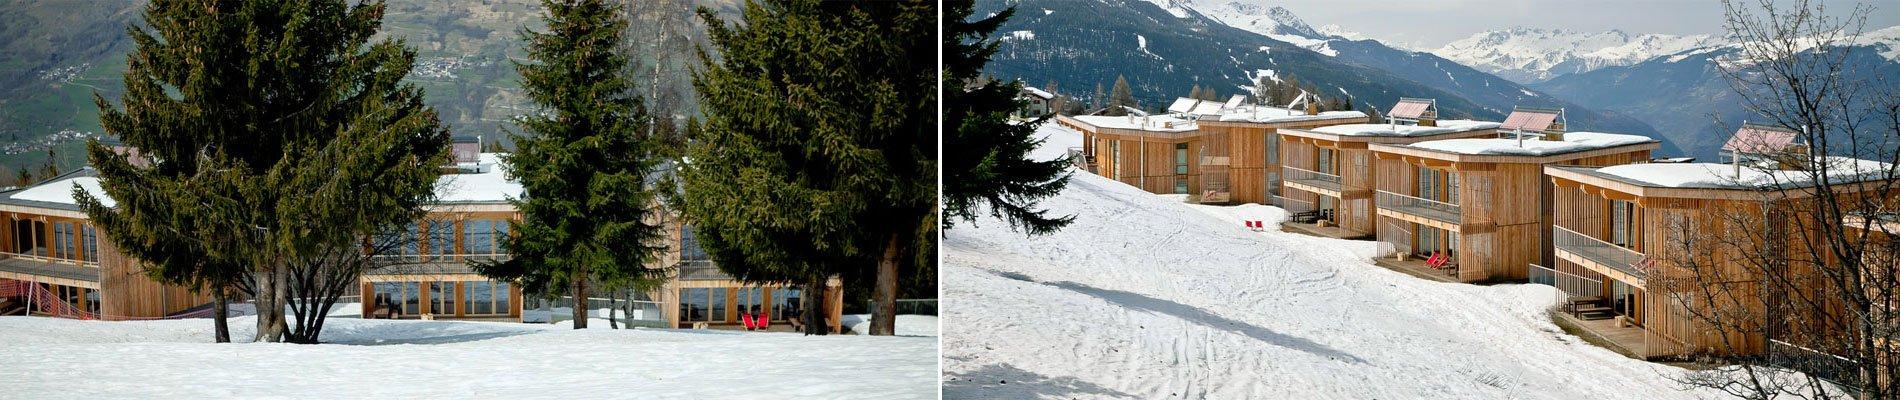 hotel-chalets-aiguille-grive-arc-1800-paradiski